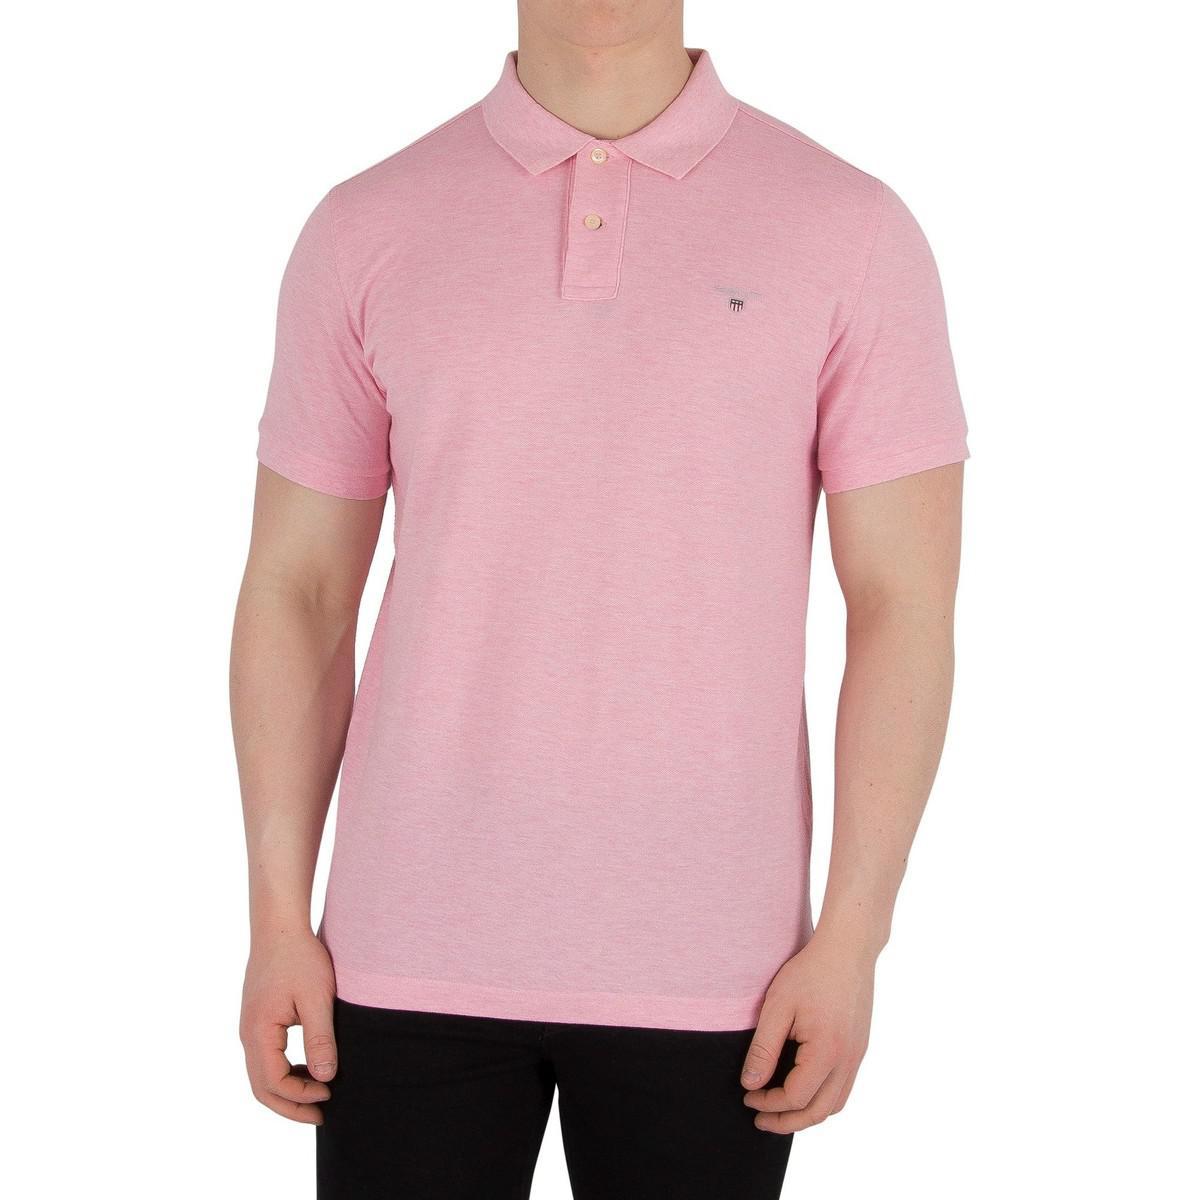 Gant Mens The Original Pique Rugger Polo Shirt Pink Mens Polo